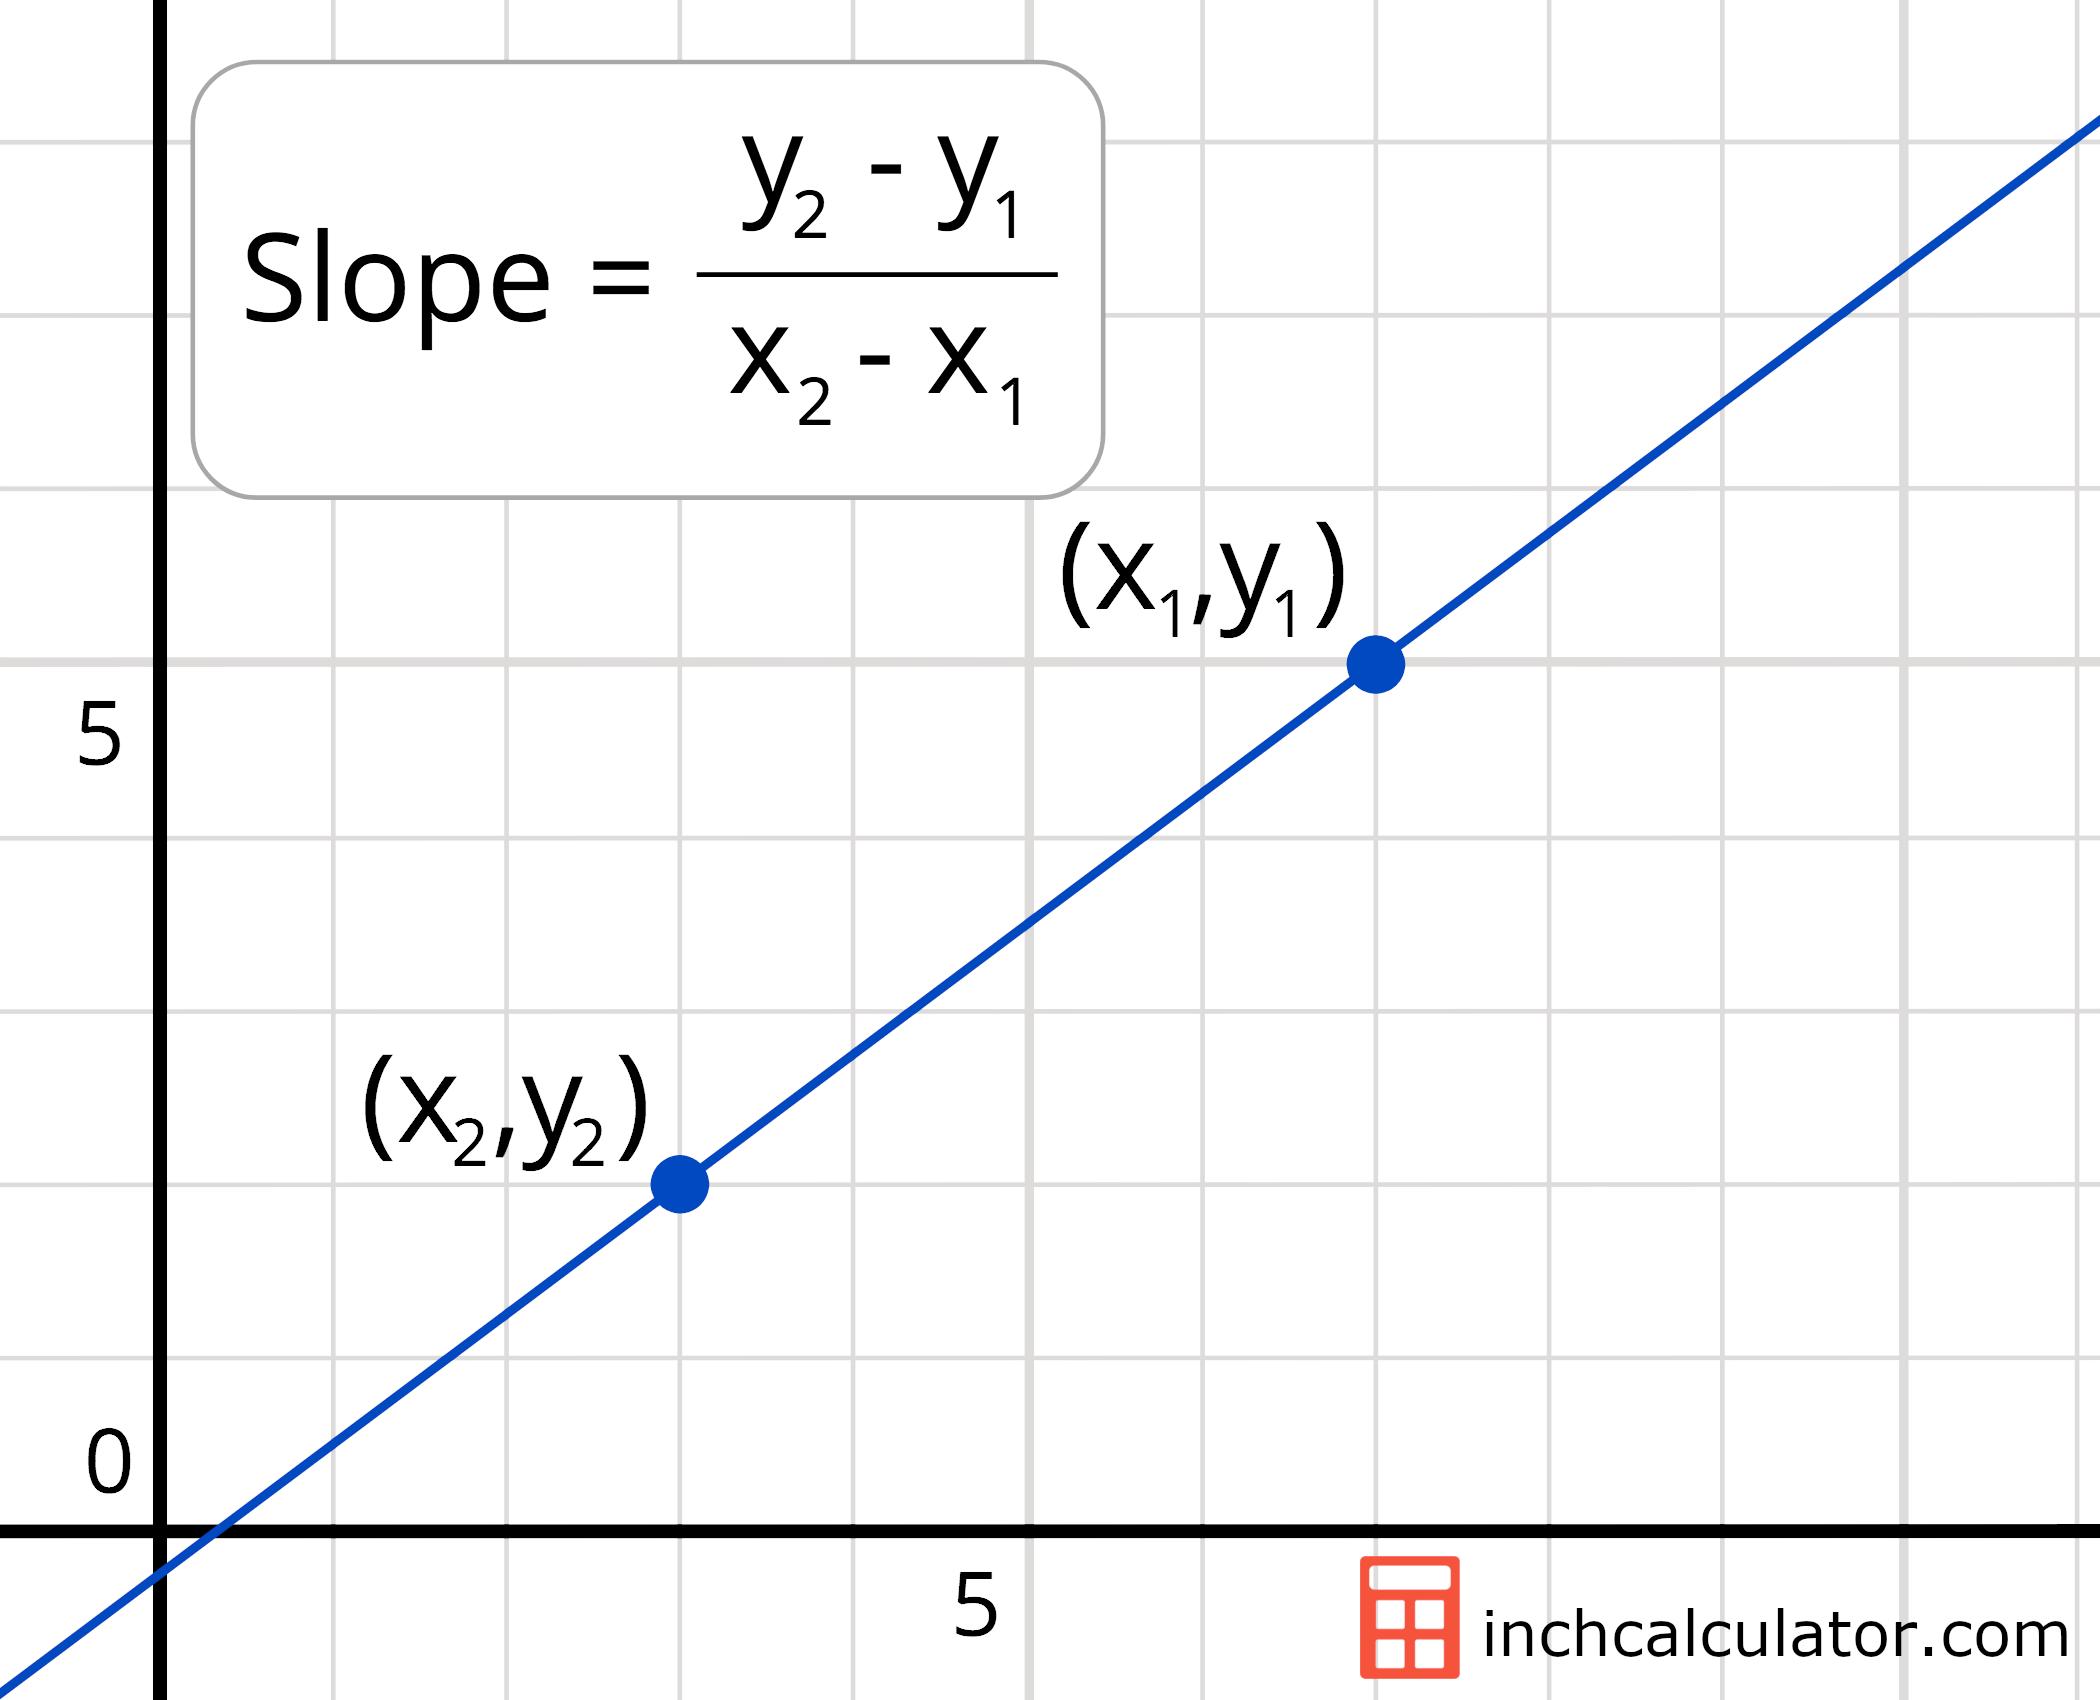 Solve 7x - 2y = -3 14x + y = 14... - Brainly.com